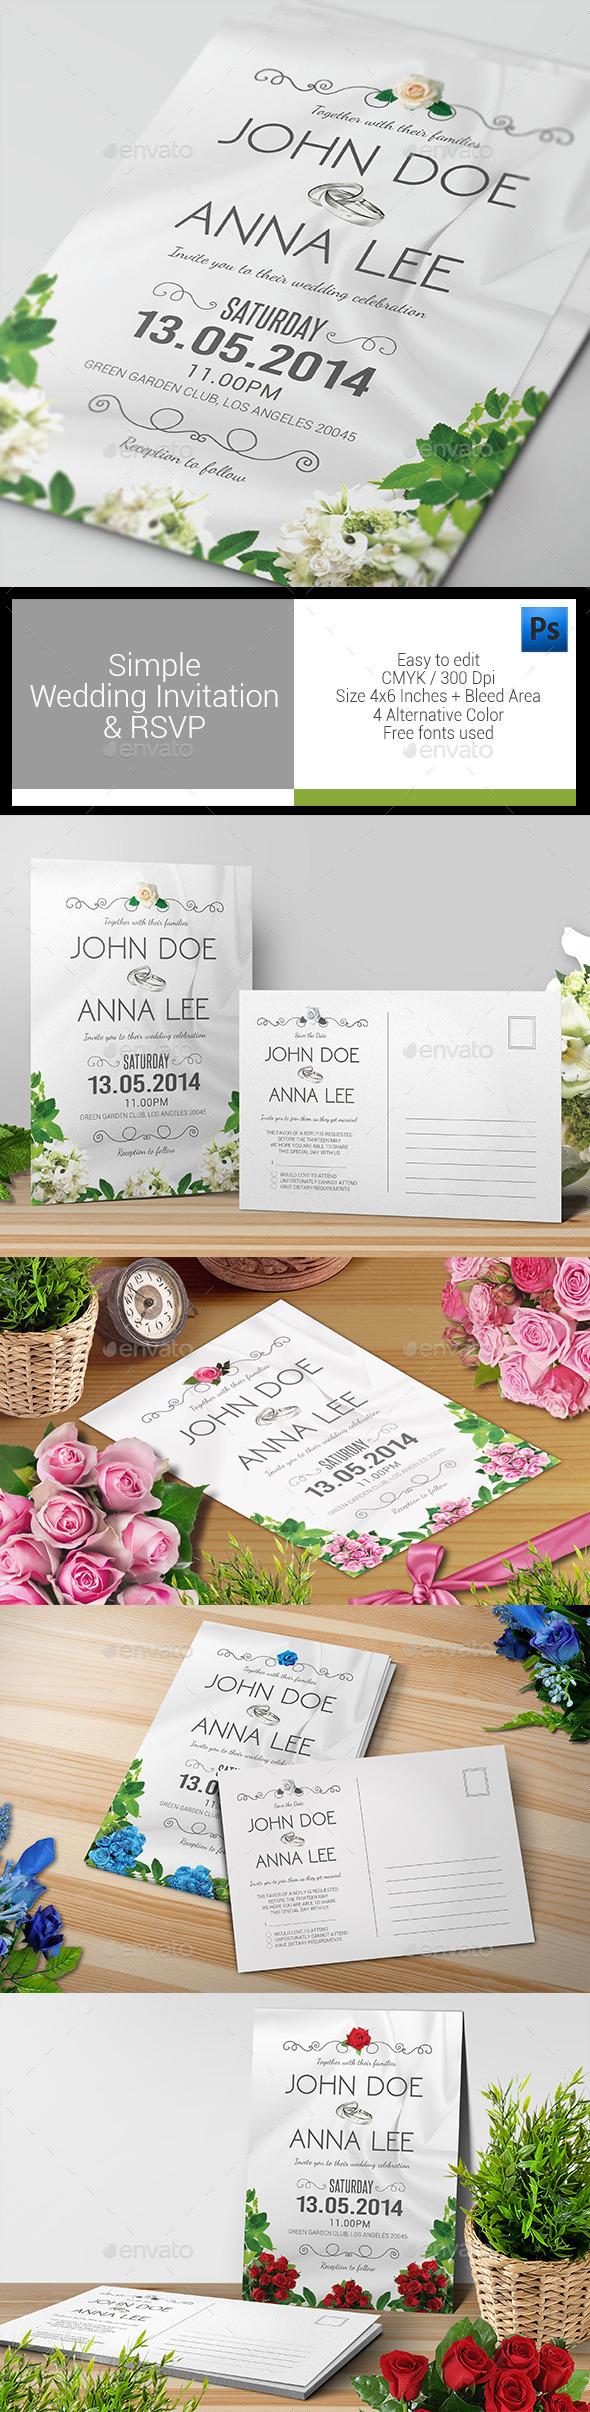 Simple Wedding Invitation & RSVP